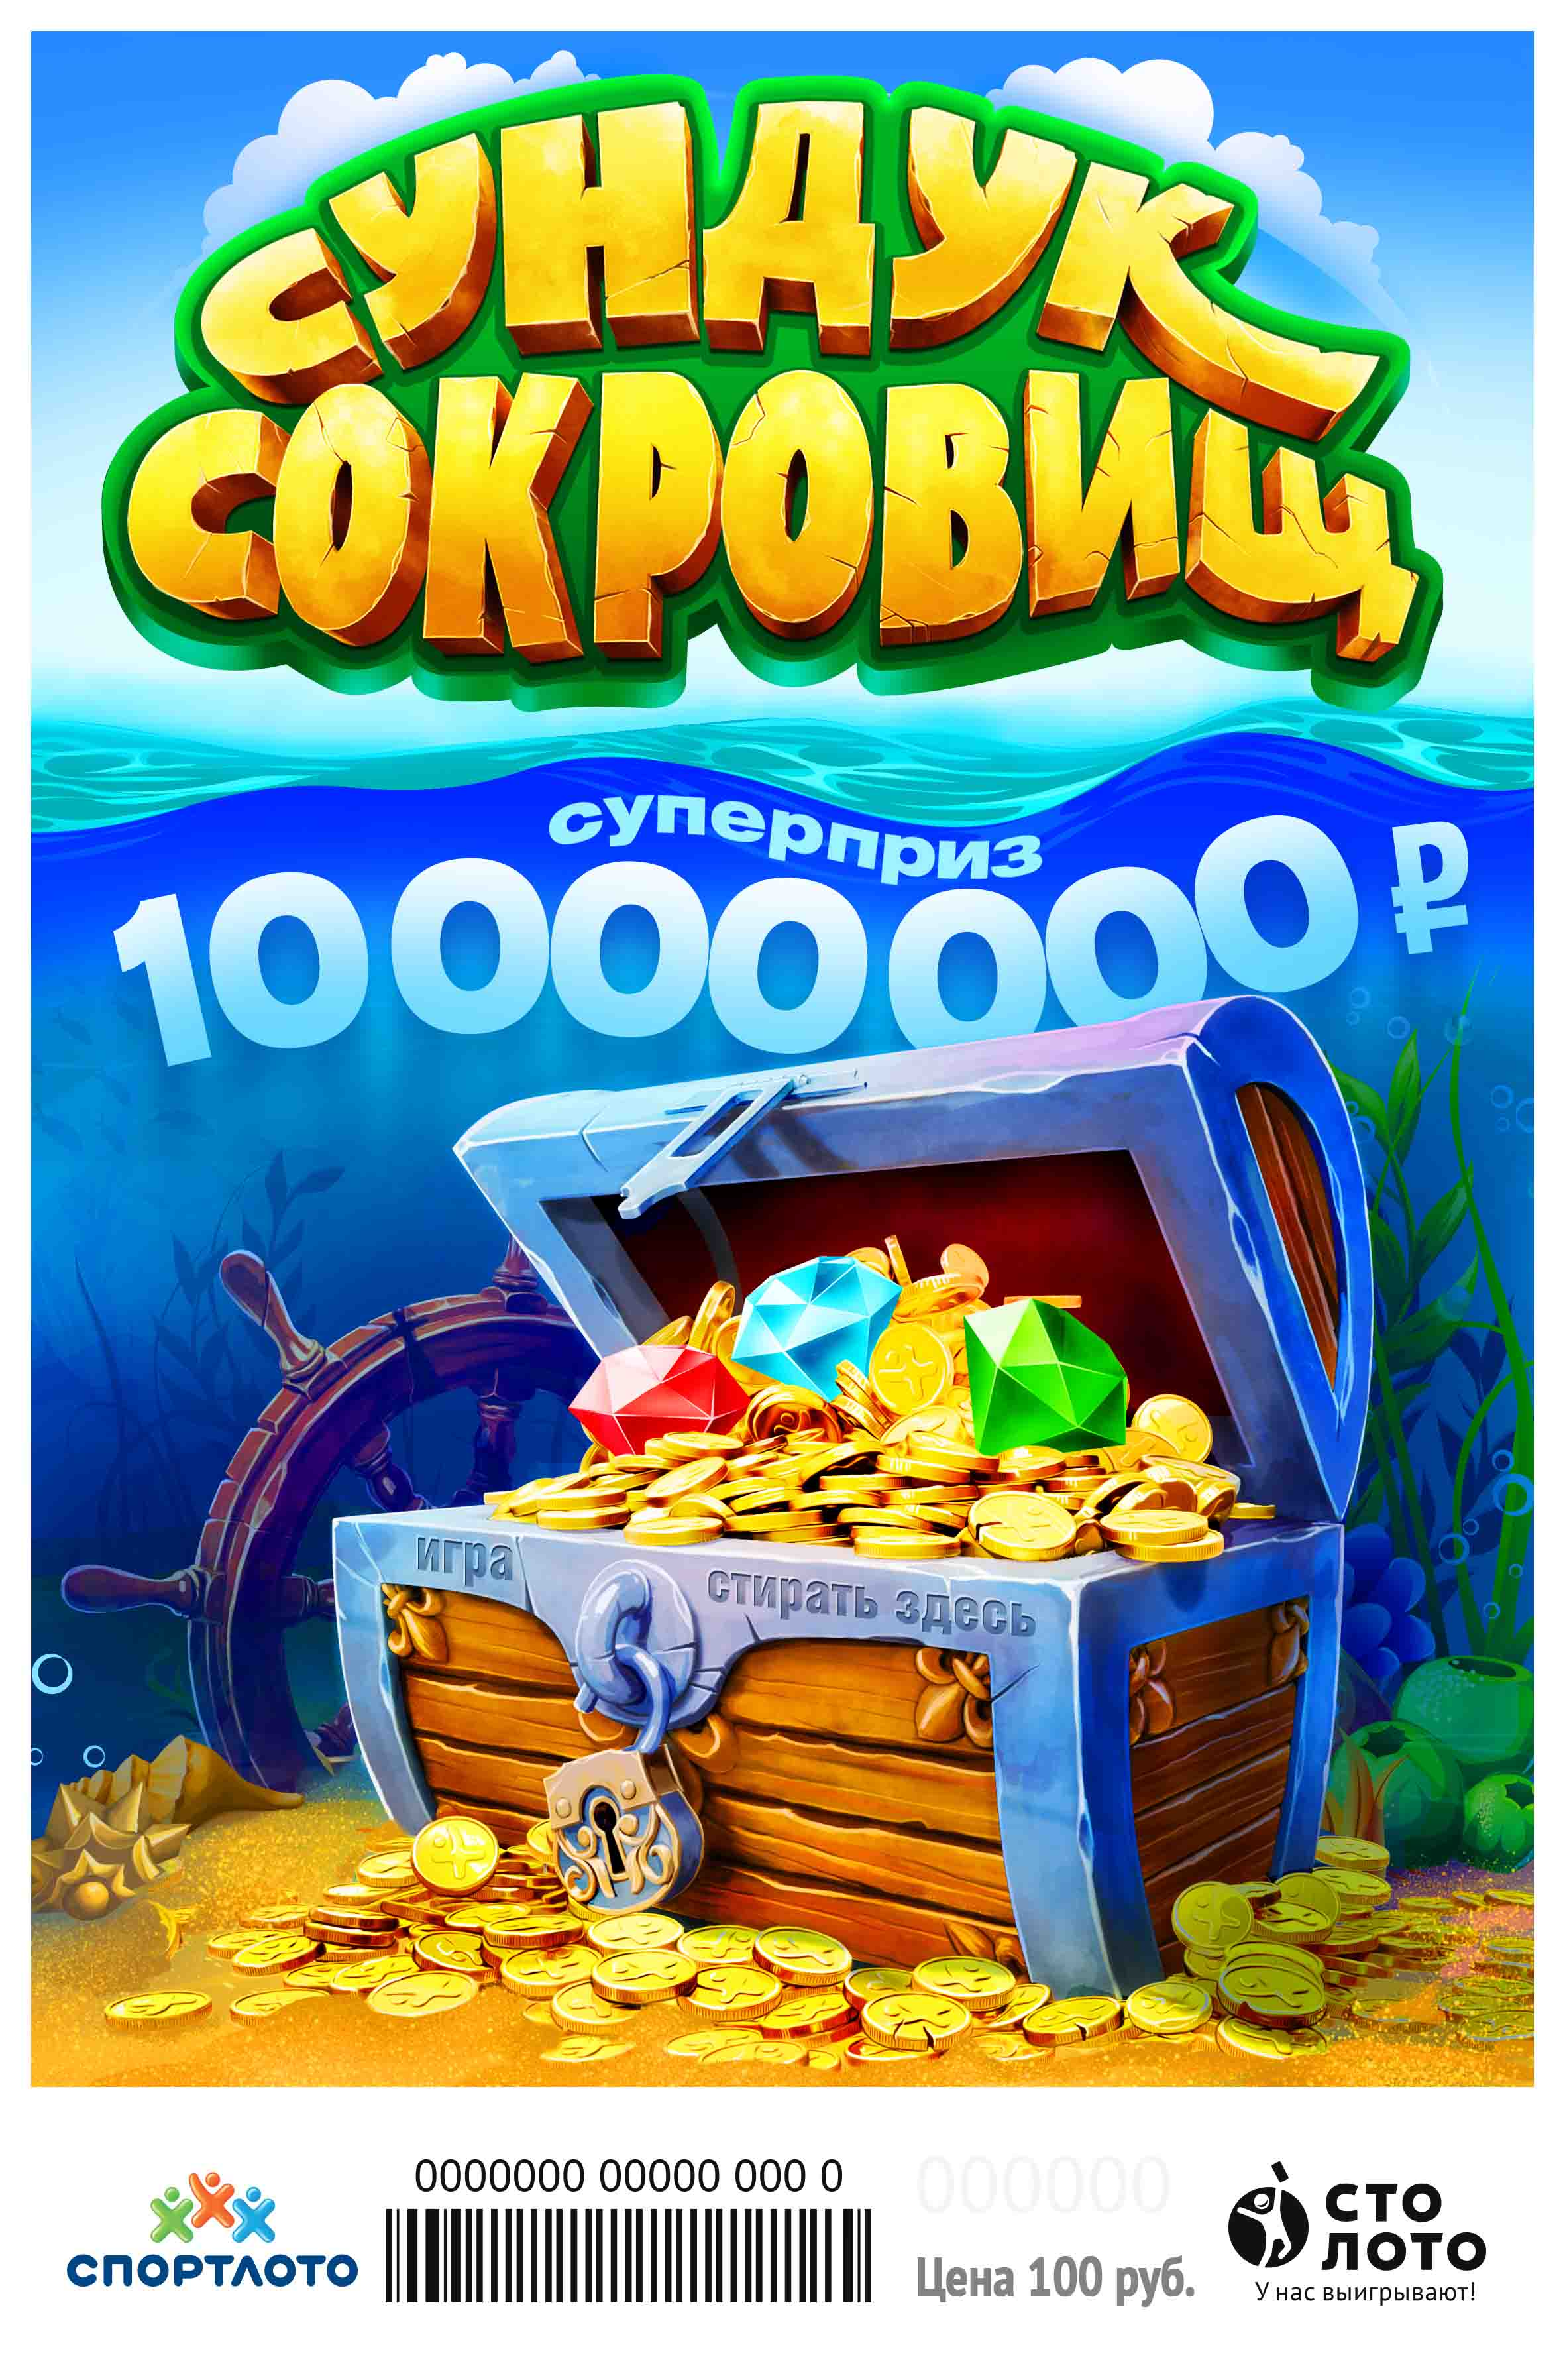 Кено-спортлото – купить лотерейные билеты кено-спортлото от официального сайта столото